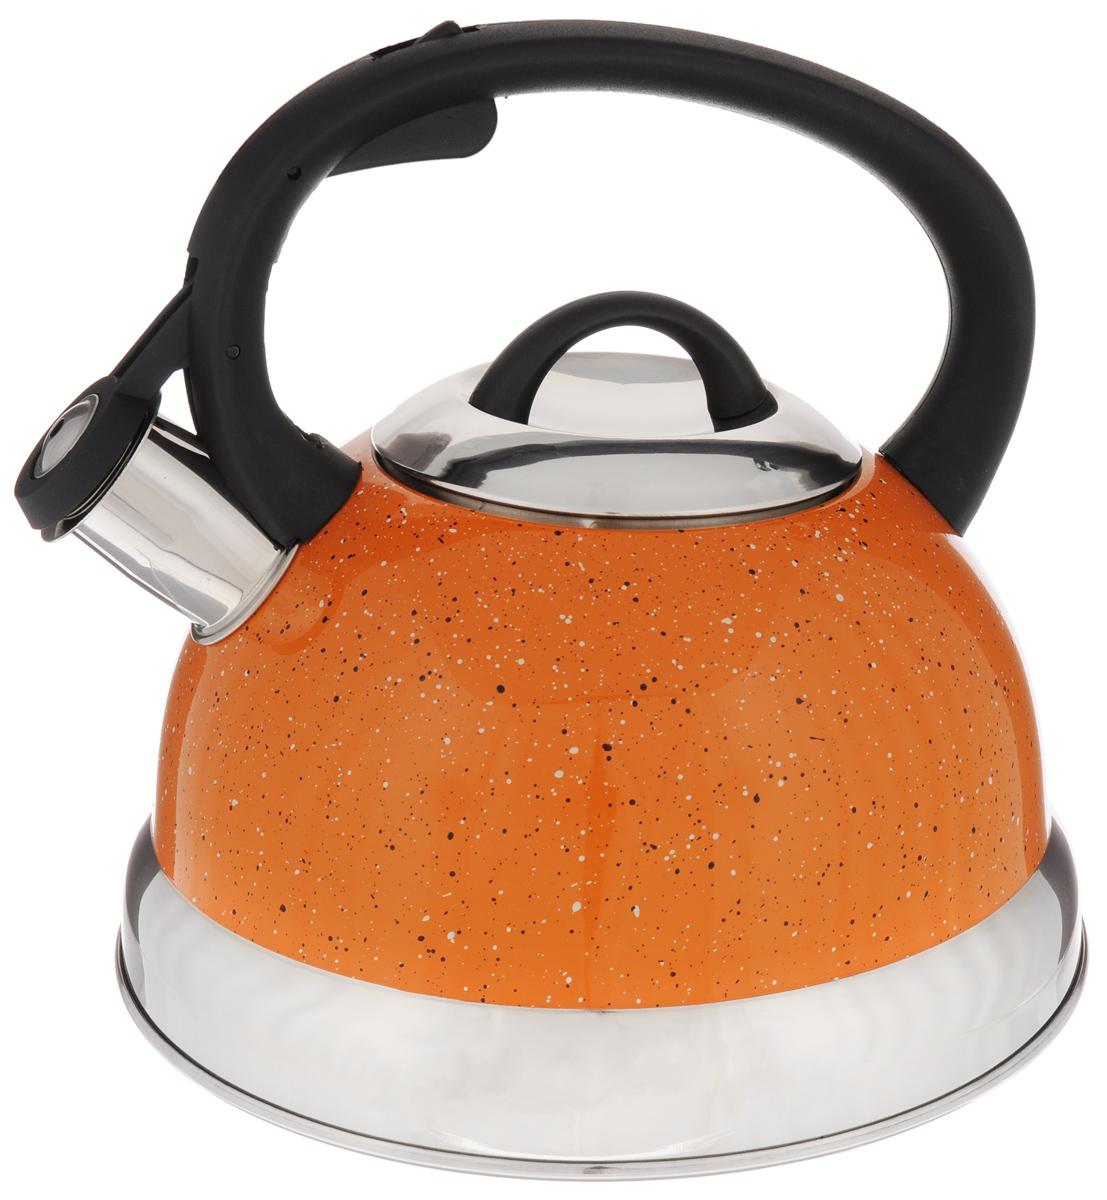 Чайник Mayer & Boch, со свистком, цвет: оранжевый, 2,6 л. 25662VT-1520(SR)Чайник со свистком Mayer & Boch изготовлен из высококачественной нержавеющей стали, что обеспечивает долговечность использования. Носик чайника оснащен откидным свистком, звуковой сигнал которого подскажет, когда закипит вода. Фиксированная ручка, изготовленная из пластика, снабжена клавишей для открывания носика, что делает использование чайника очень удобным и безопасным.Чайник Mayer & Boch - качественное исполнение и стильное решение для вашей кухни. Подходит для всех типов плит, включая индукционные. Можно мыть в посудомоечной машине. Высота чайника (с учетом ручки): 20,5 см.Диаметр чайника (по верхнему краю): 10 см.Диаметр основания: 21 см.